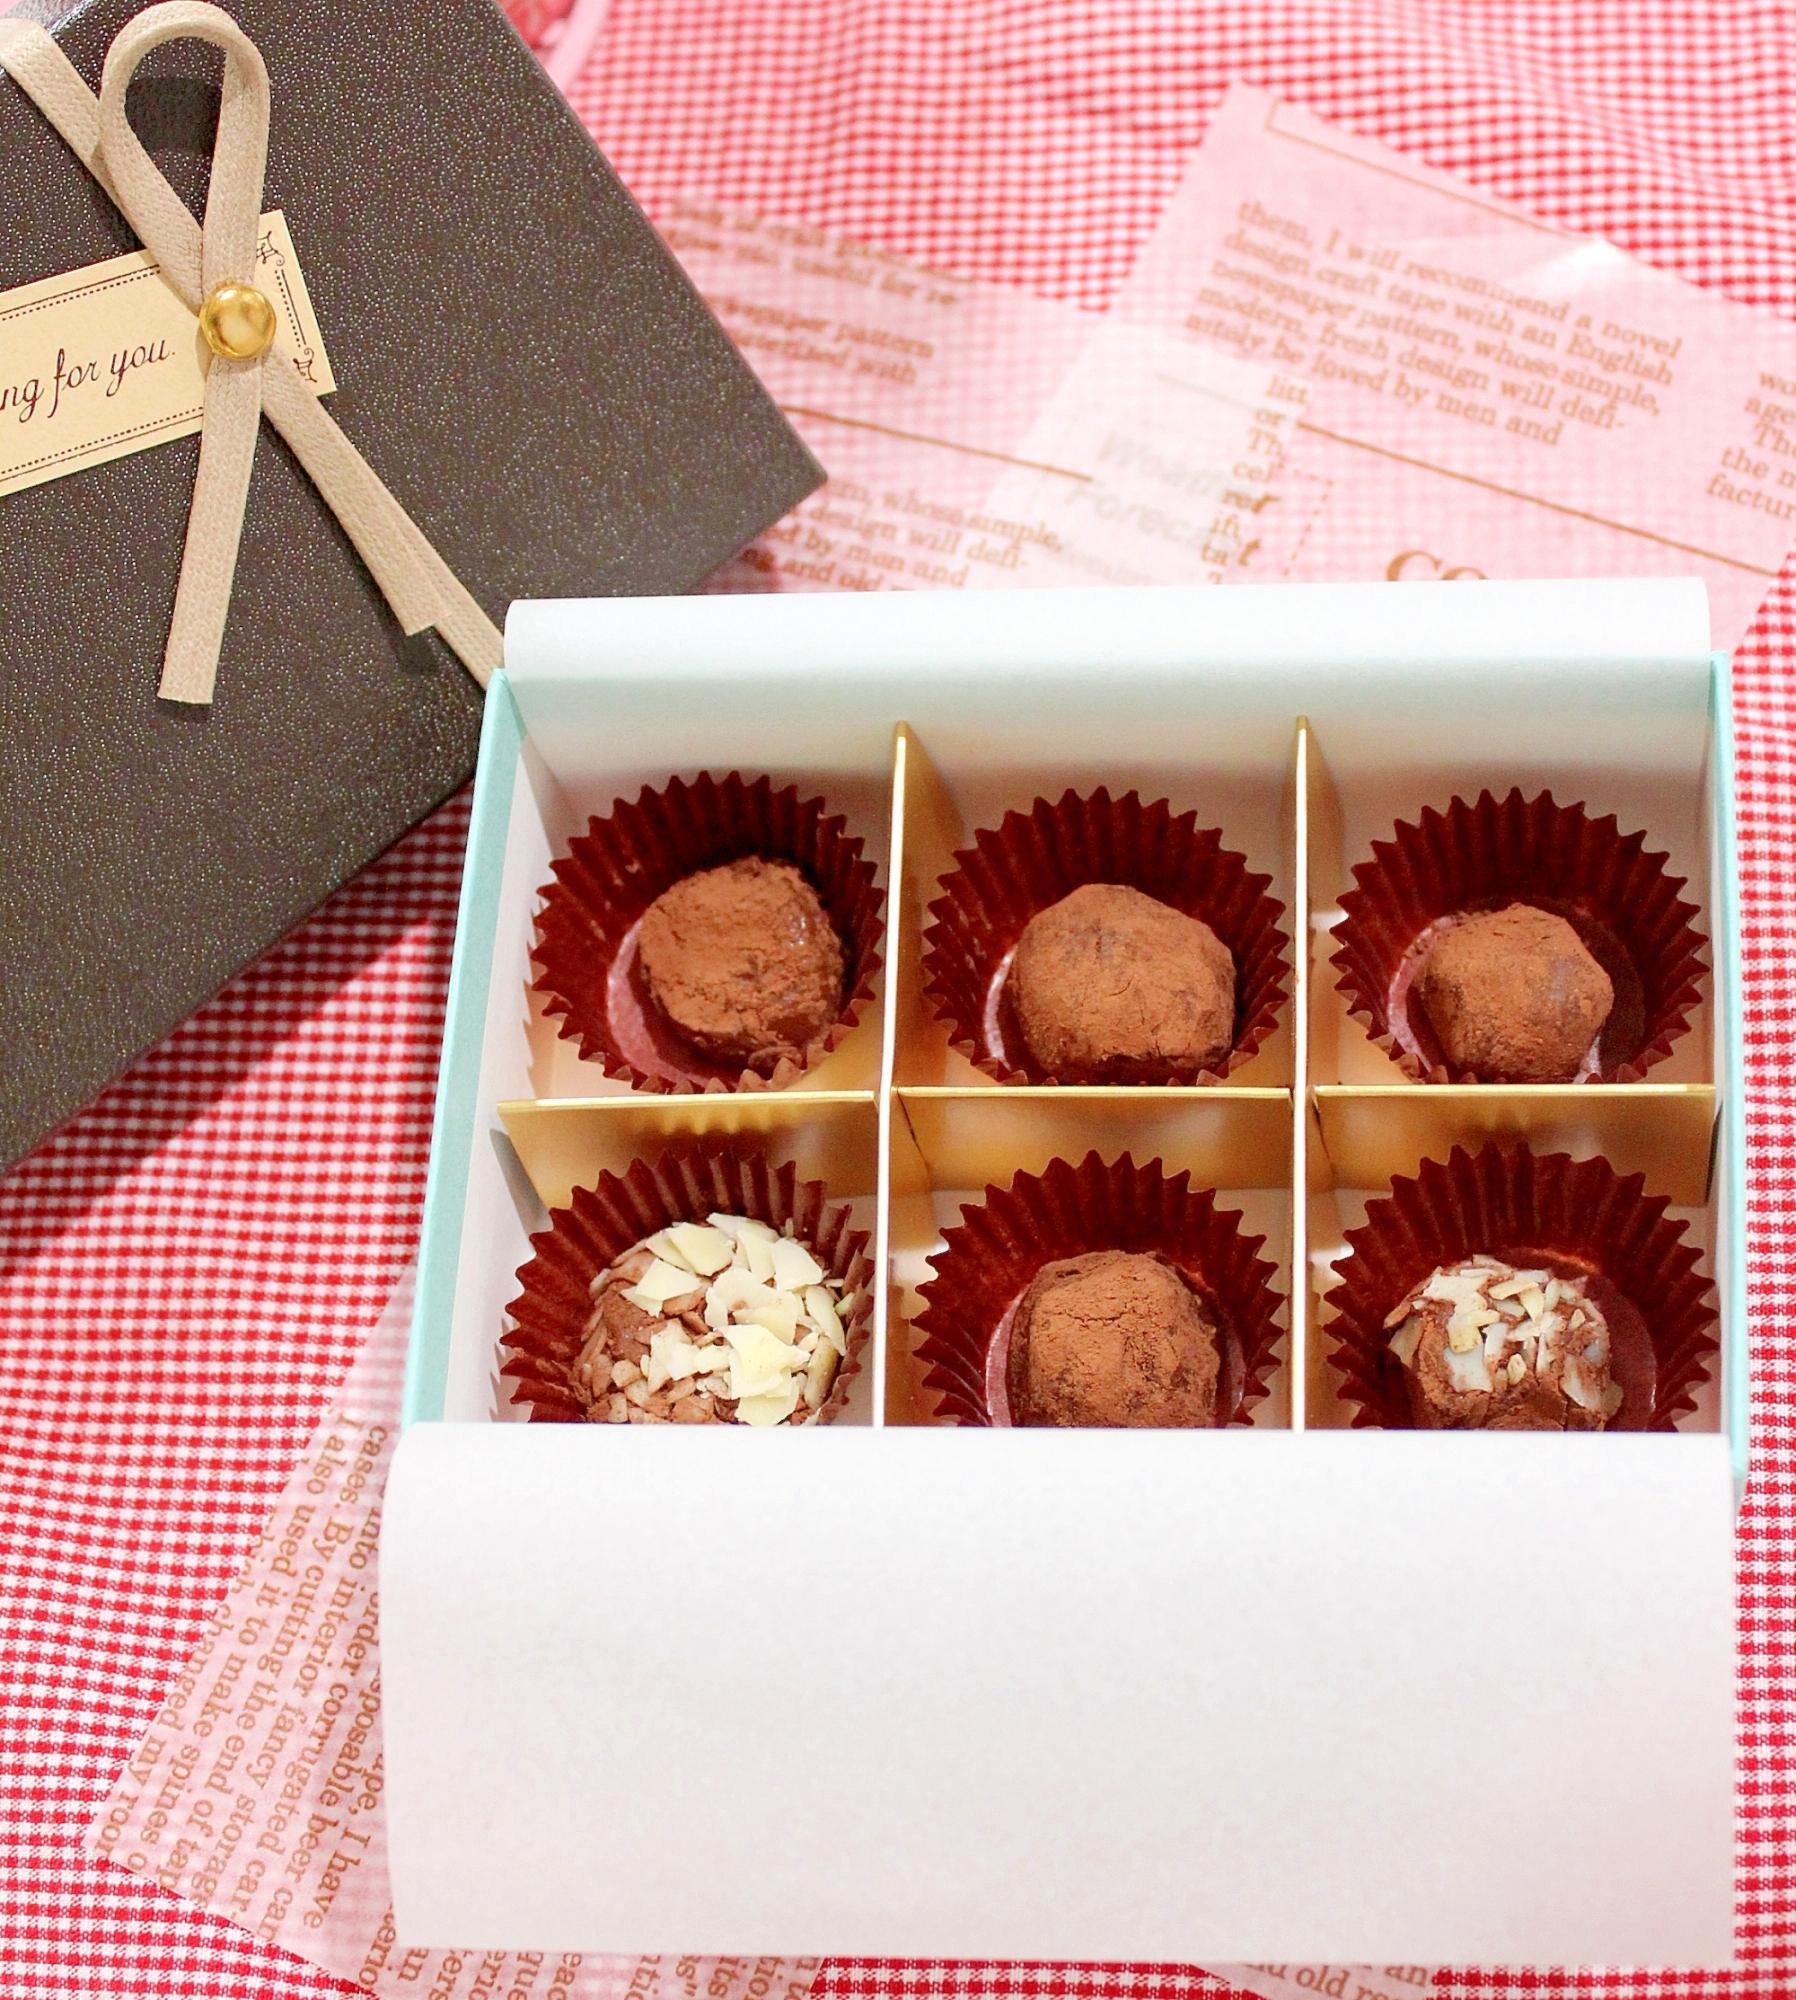 【糖質制限】デトックス薬膳トリュフ♪低カロ生チョコ